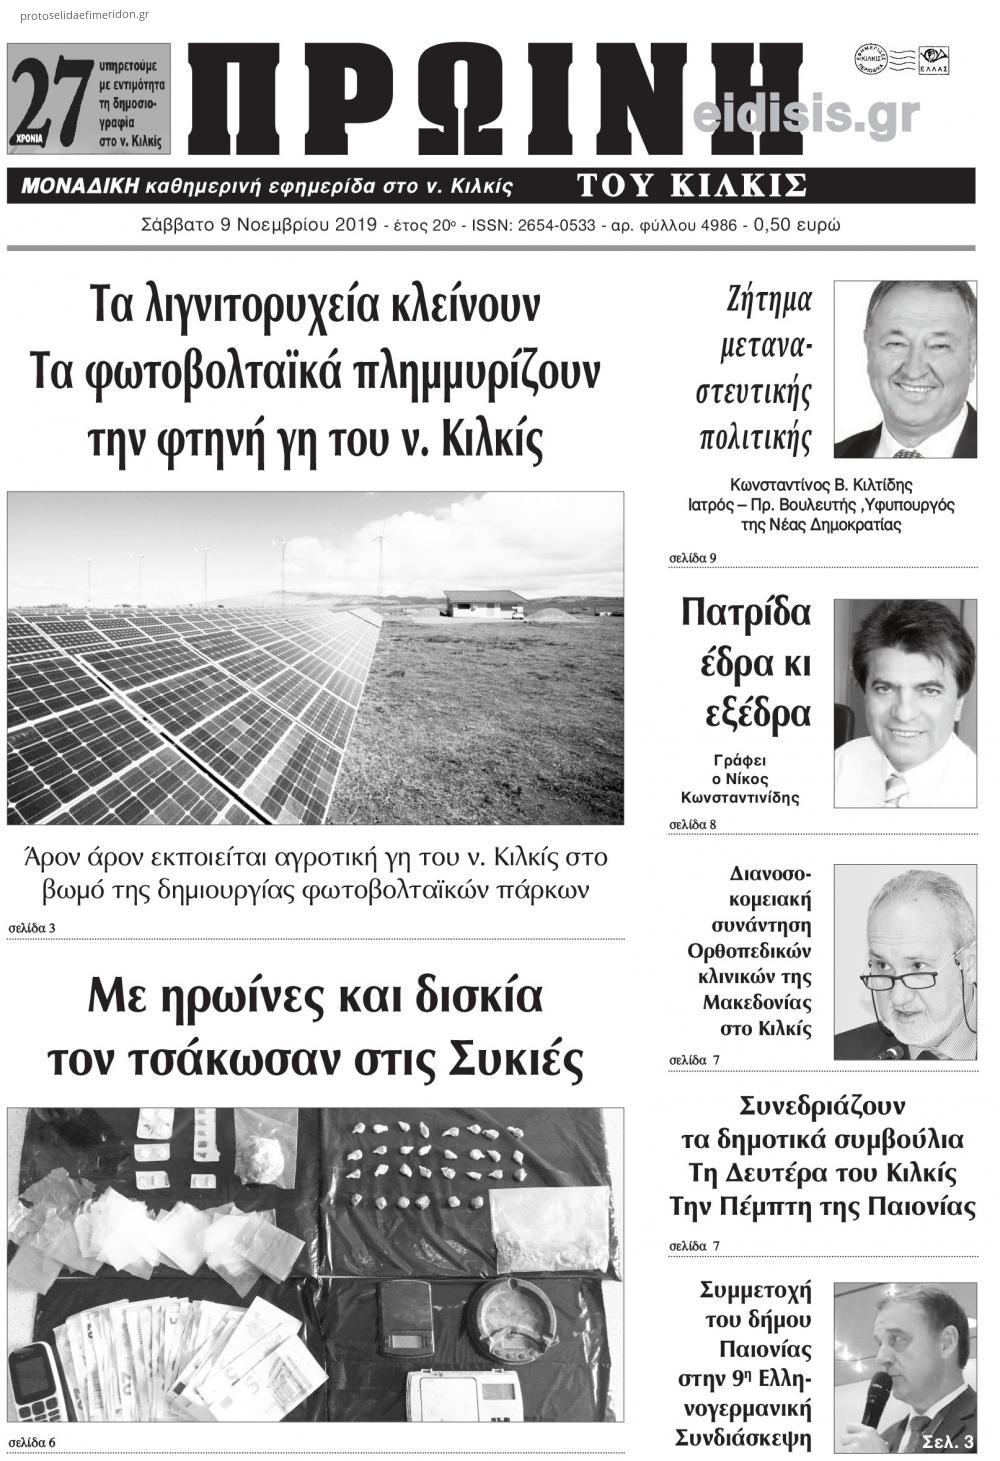 Πρωτοσέλιδο εφημερίδας Πρωινή Κιλκίς